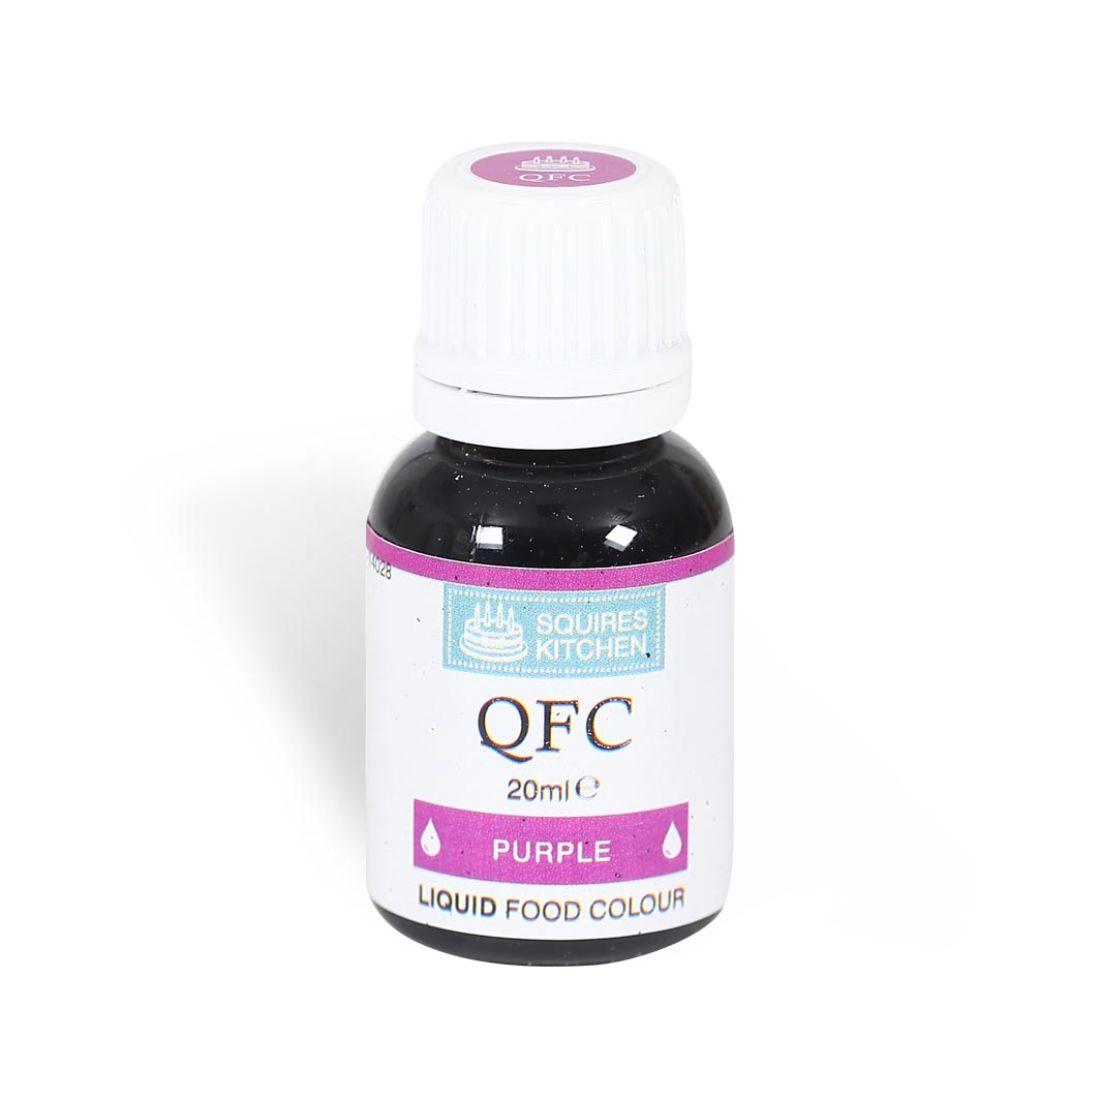 SK QFC Quality Food Colour Liquid Purple | Squires Kitchen Shop